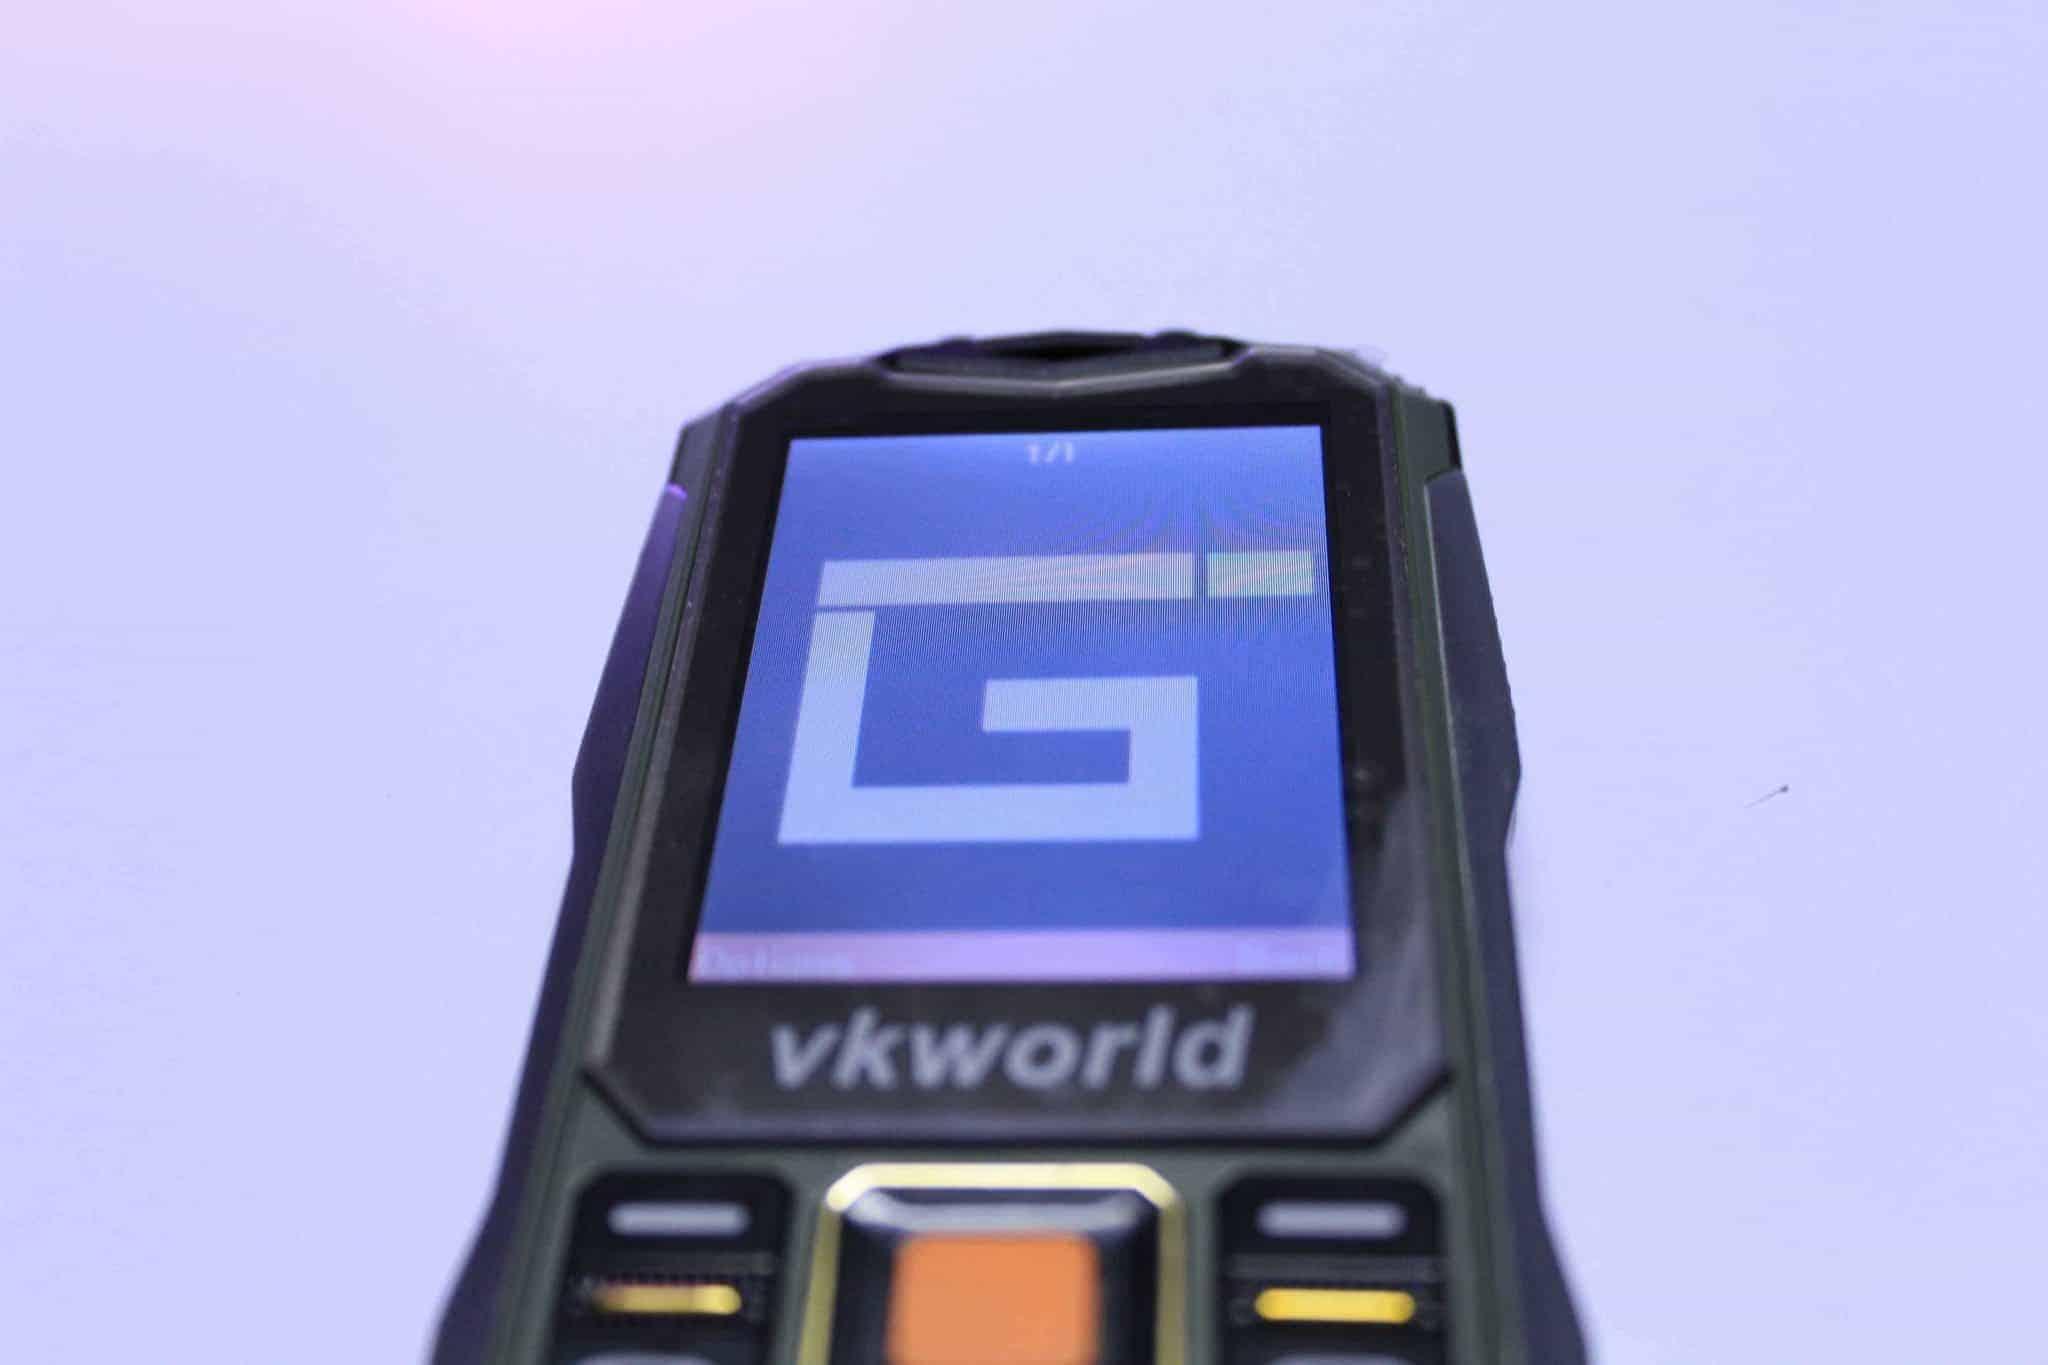 Vkworld Stone V3S Display